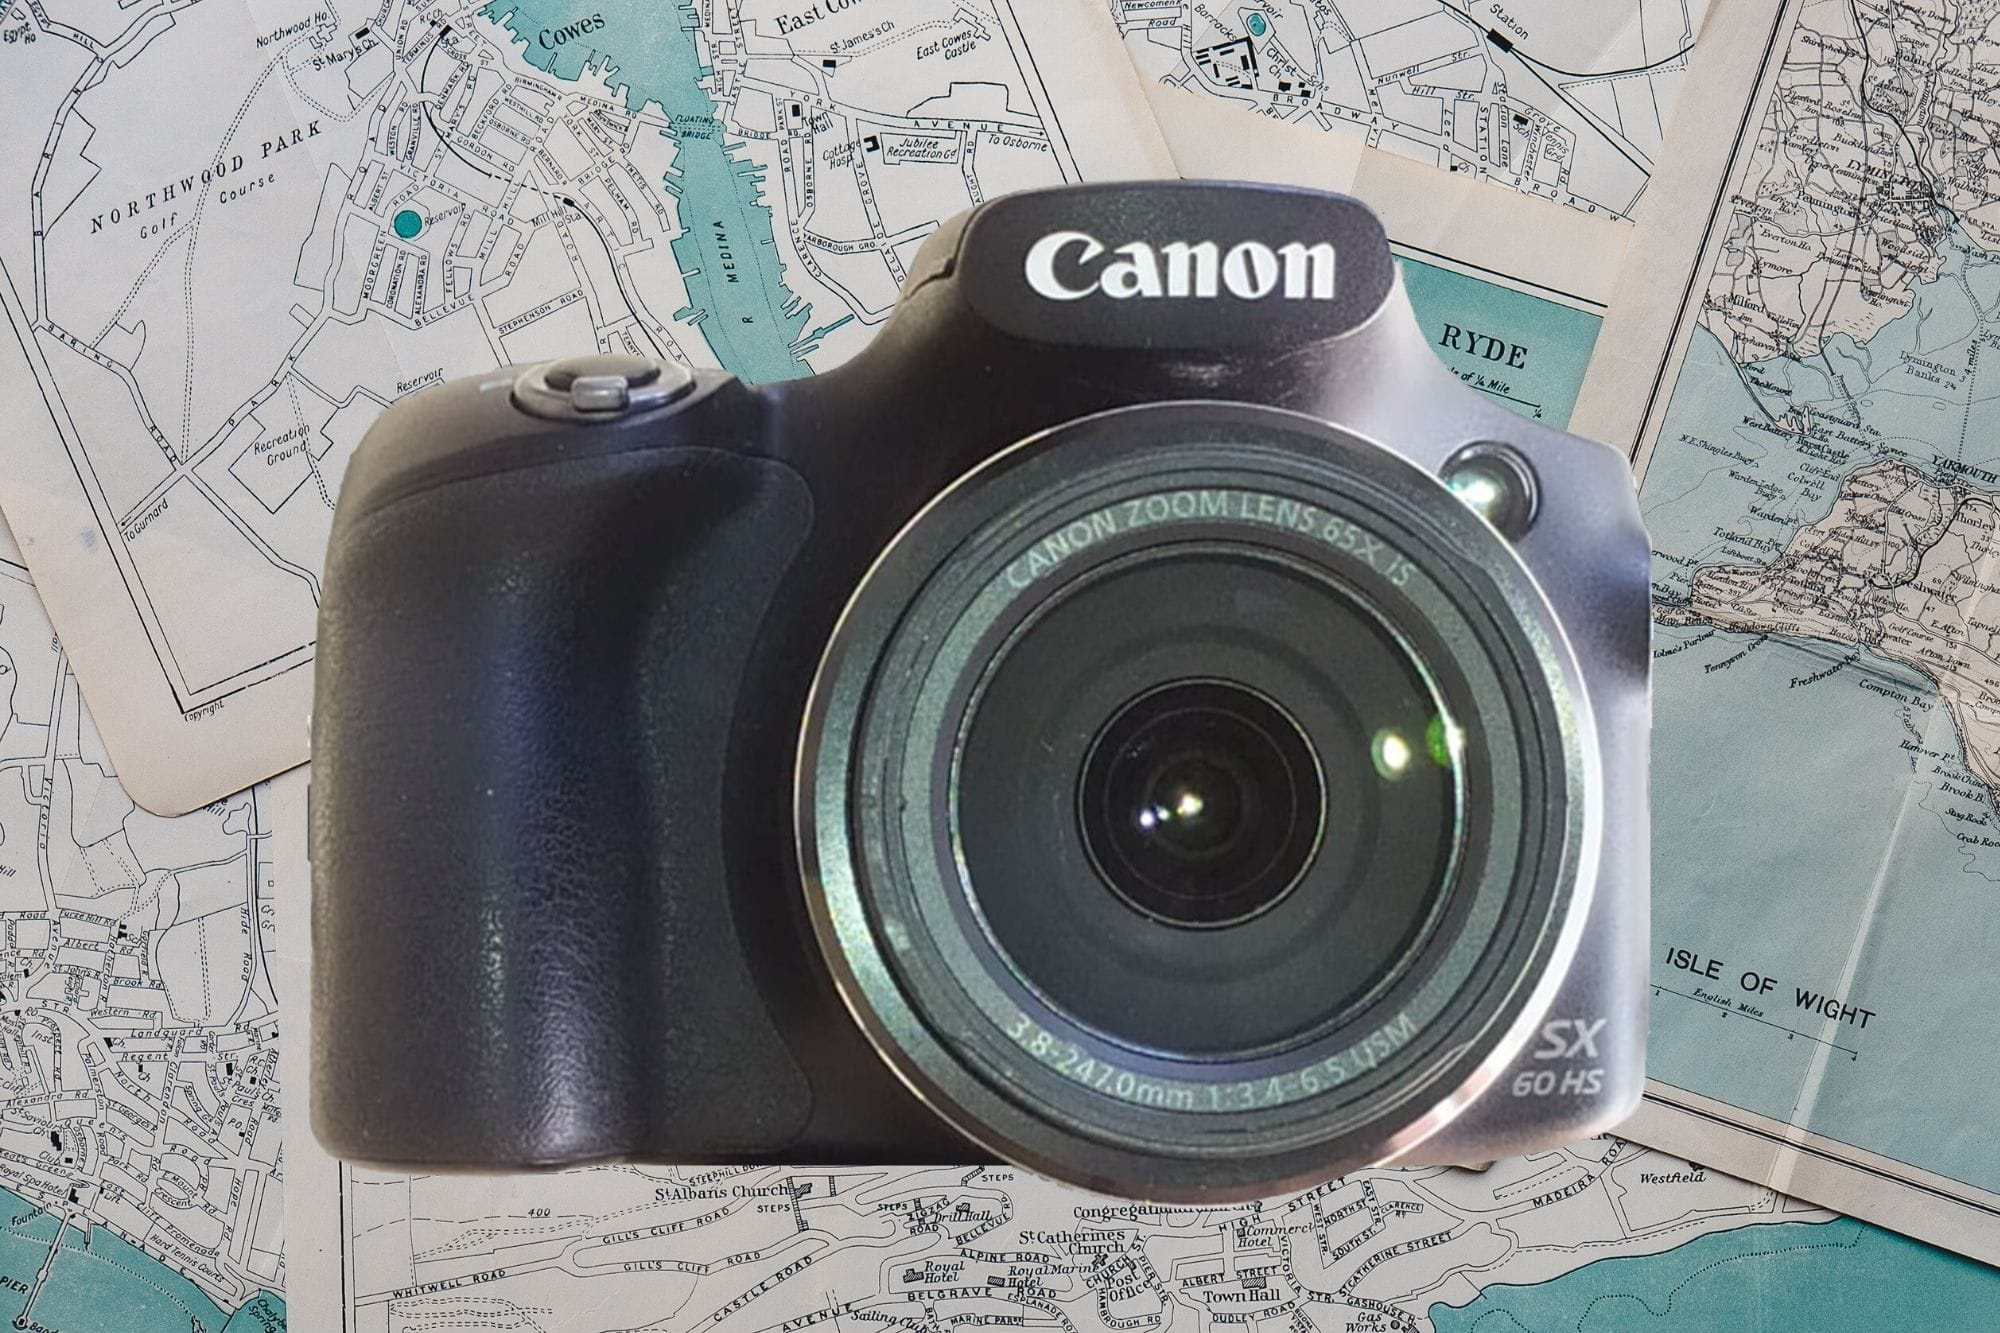 Bridge Camera for Travel